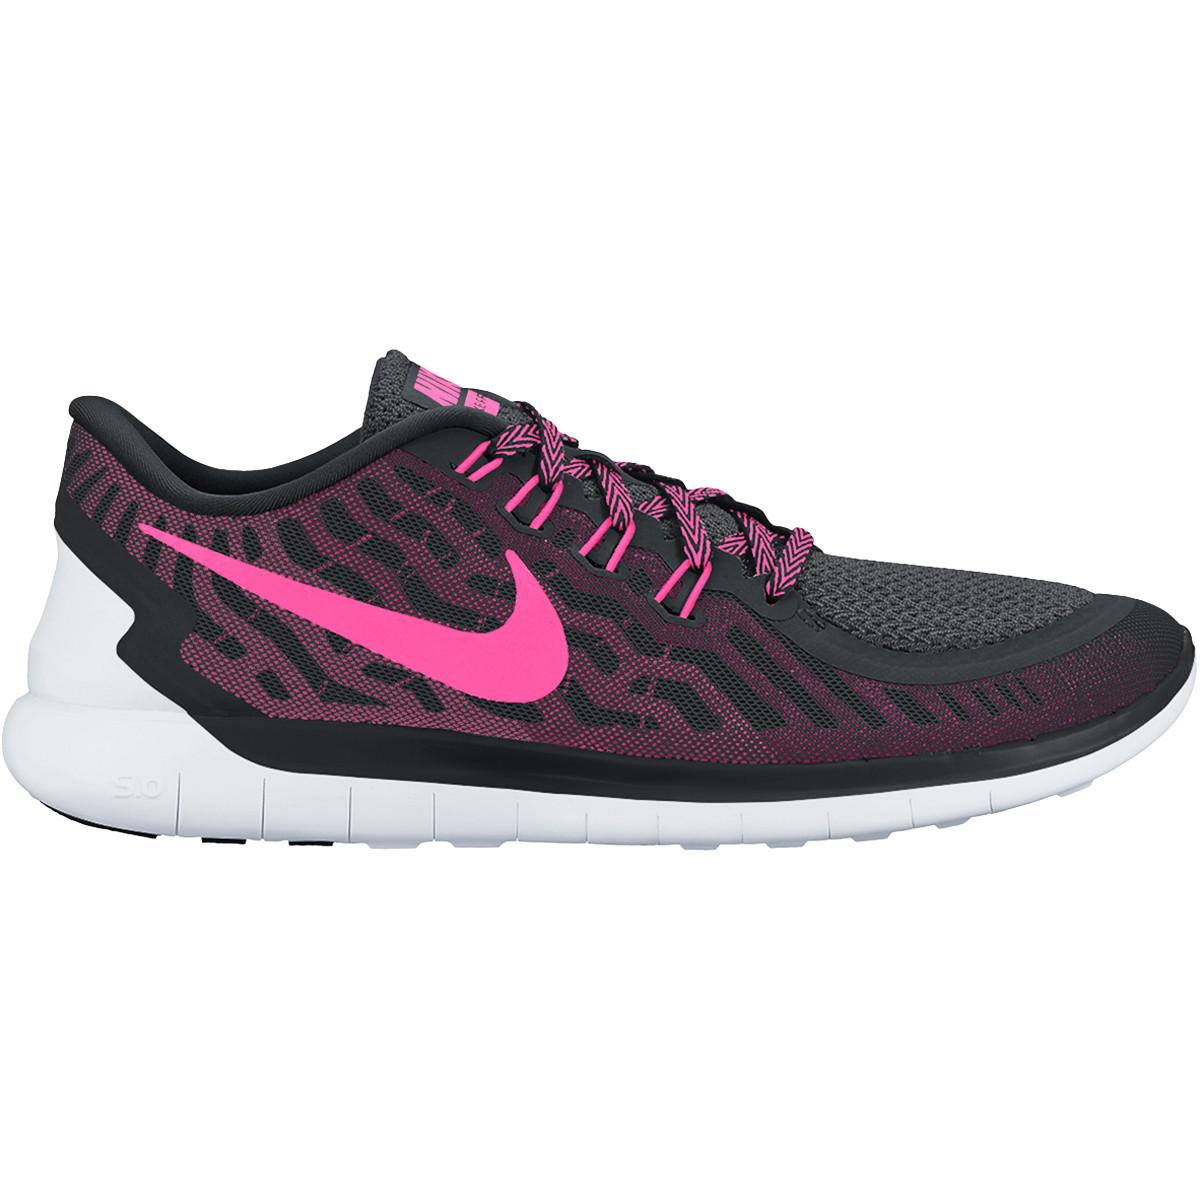 c410182e7f6 Nike Free 5.0 Women | Natural ride | mysport.lv